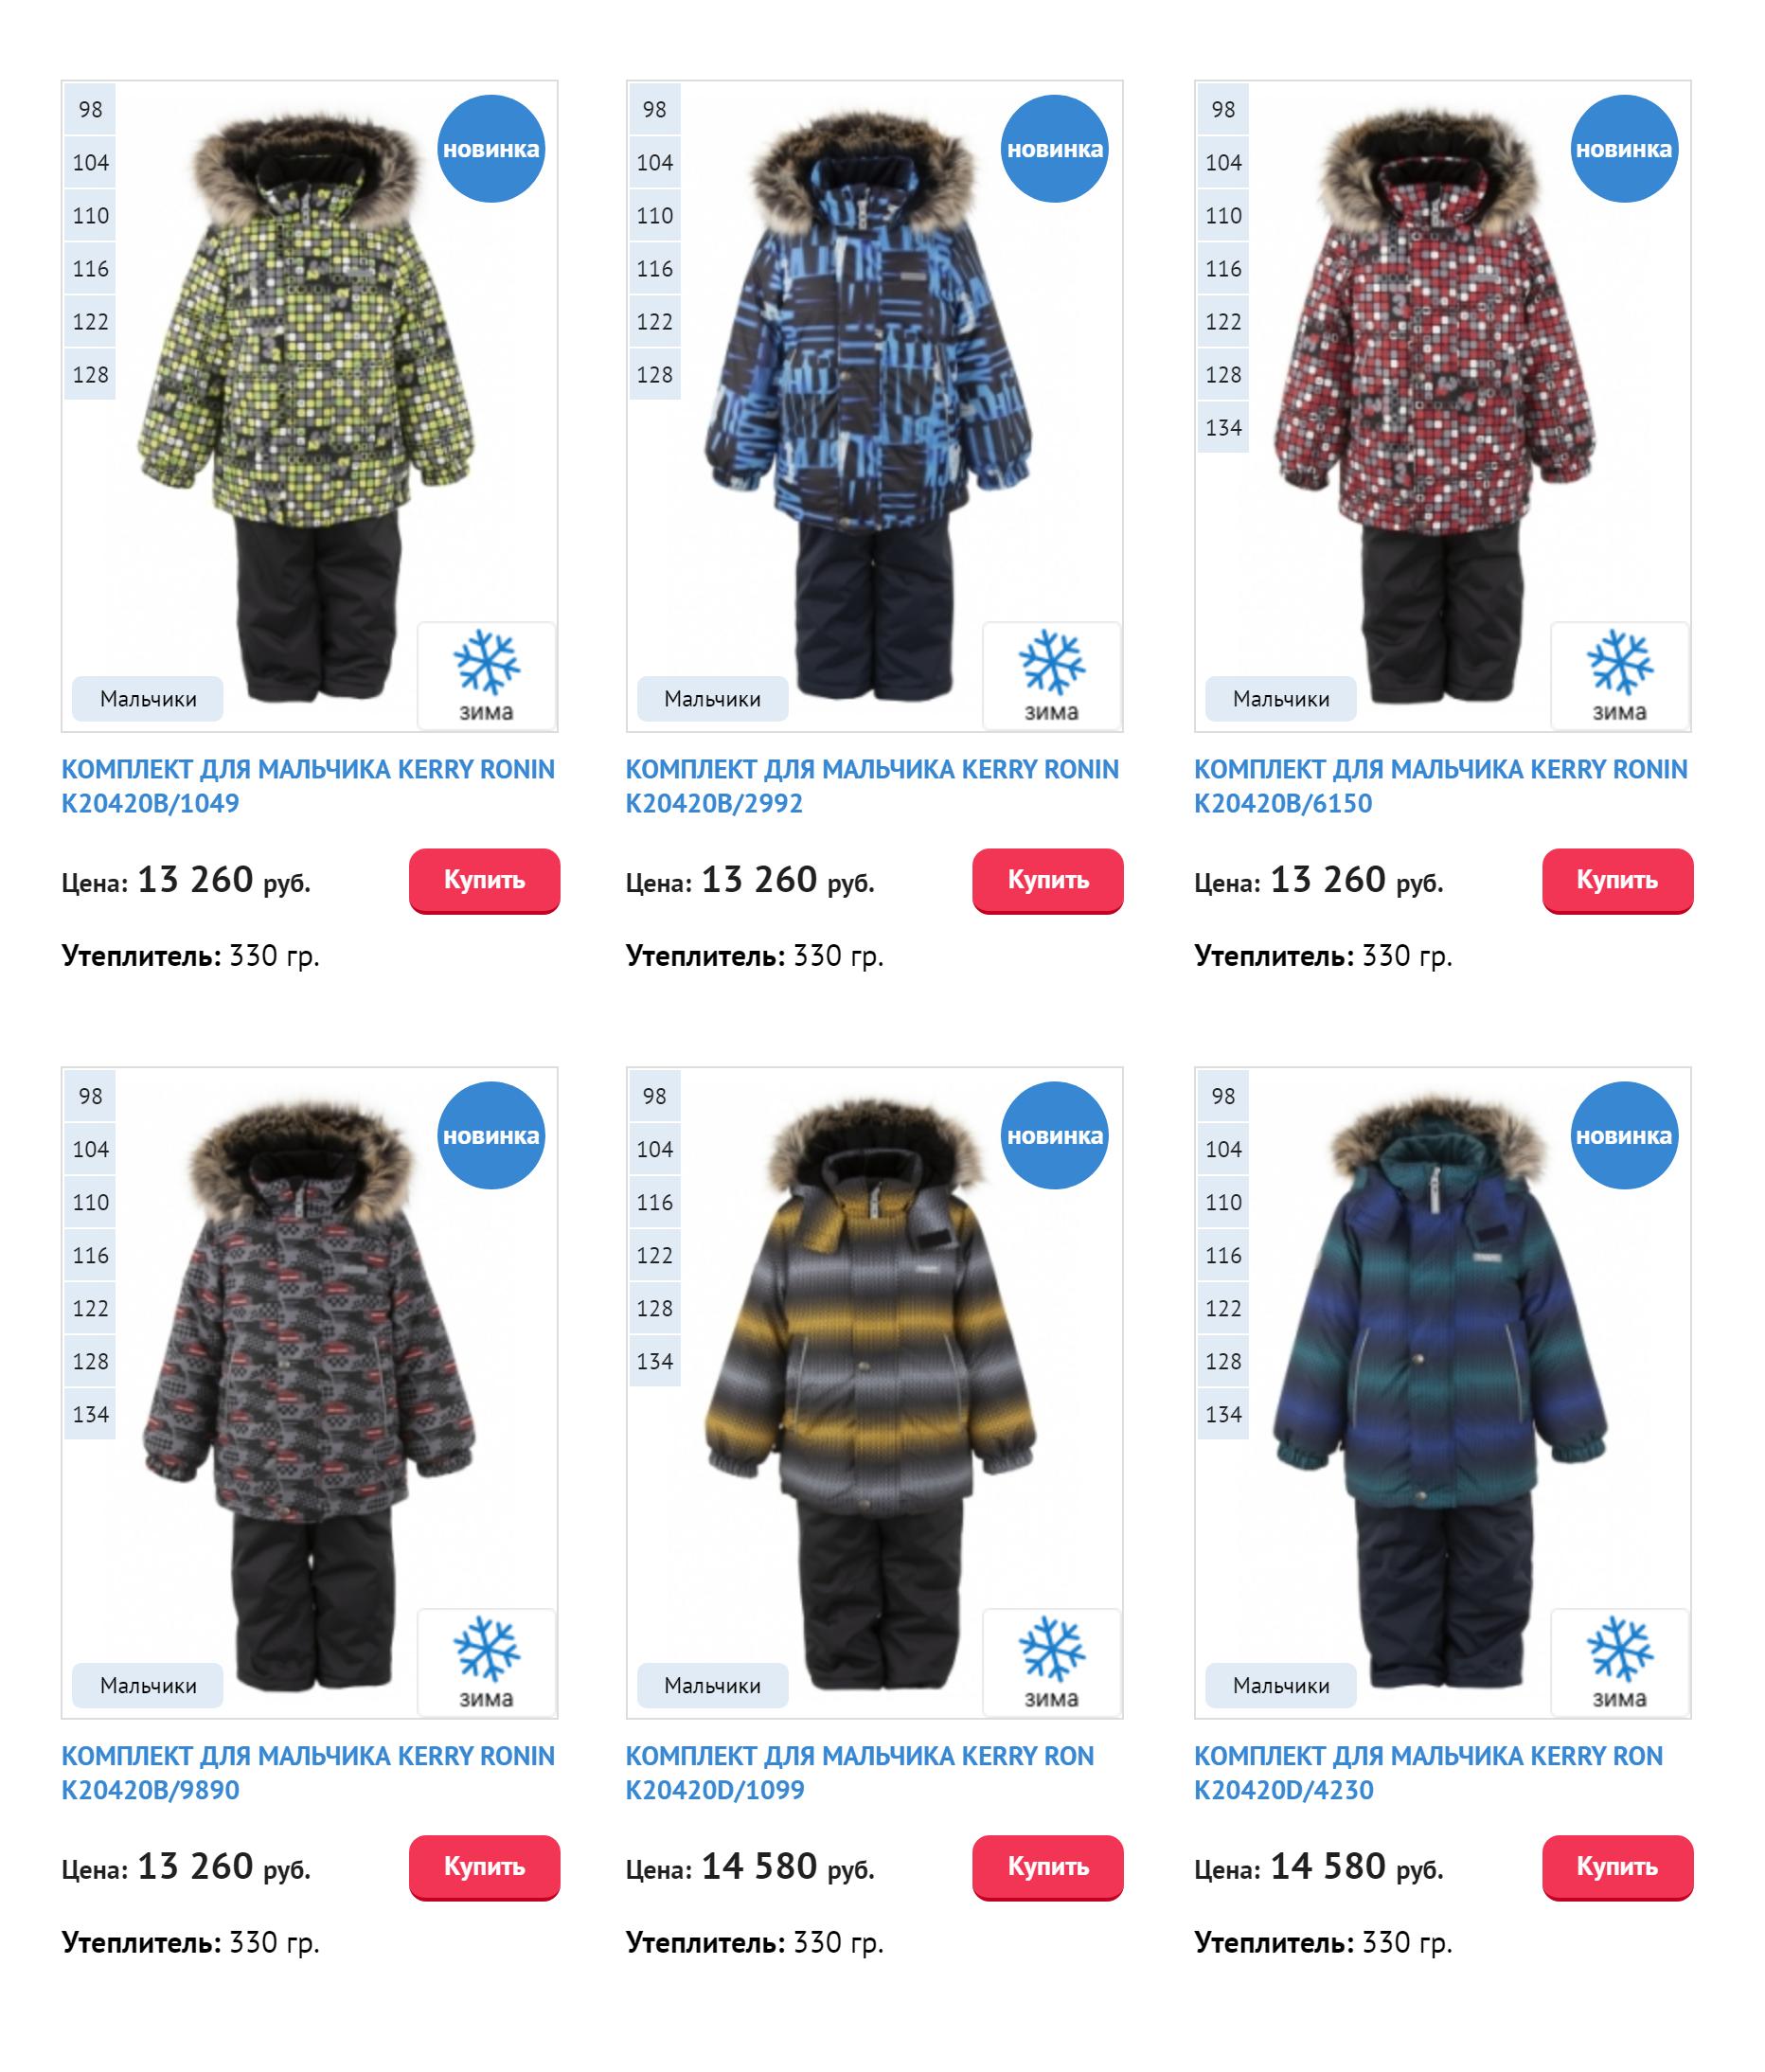 Цены на комплекты заметно выше цен на комбинезоны. Источник: kerry.su